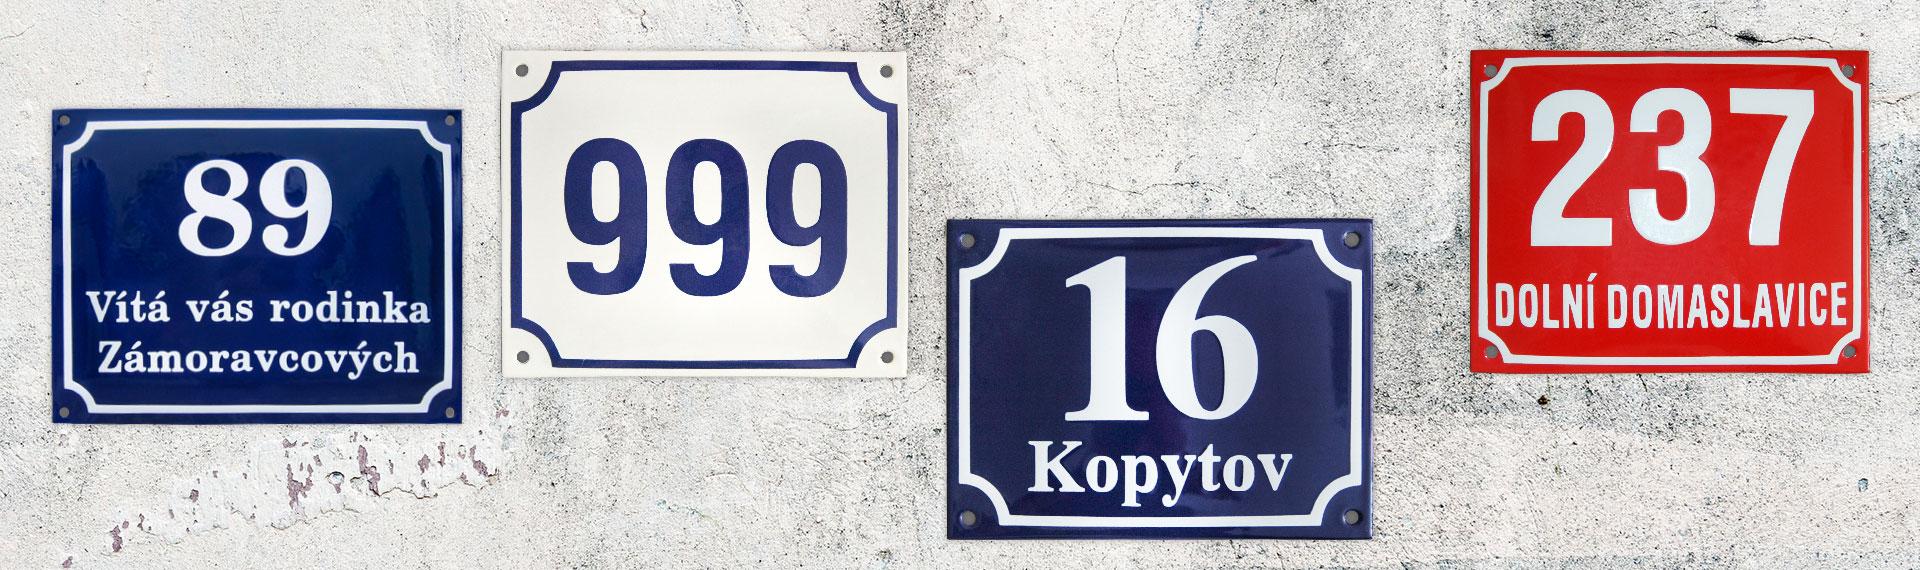 Straßenschilder und Hausnummern